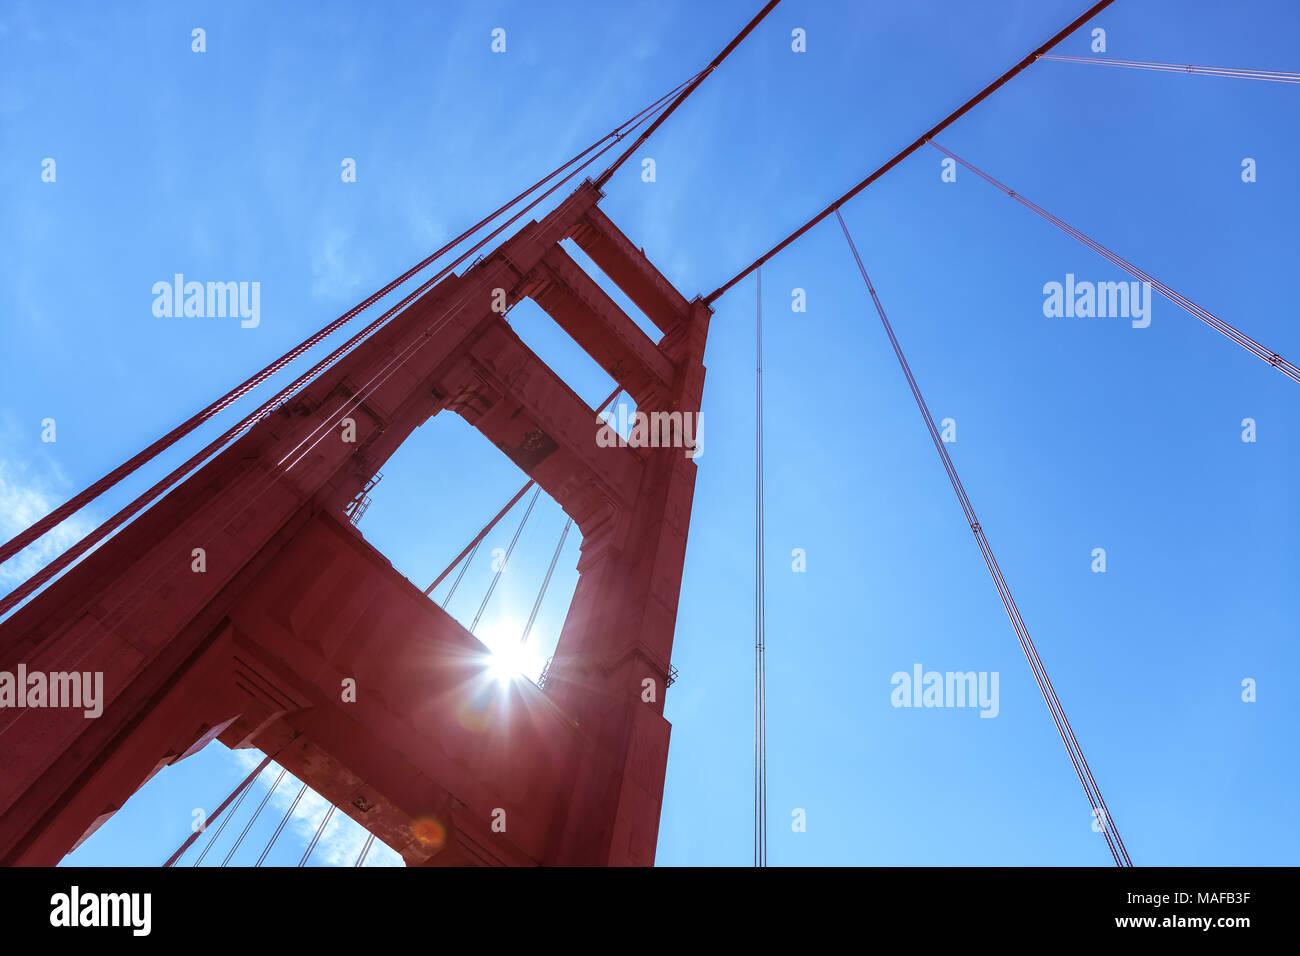 La estructura de la Torre del Puente Golden Gate, San Francisco, California, Estados Unidos. Imagen De Stock